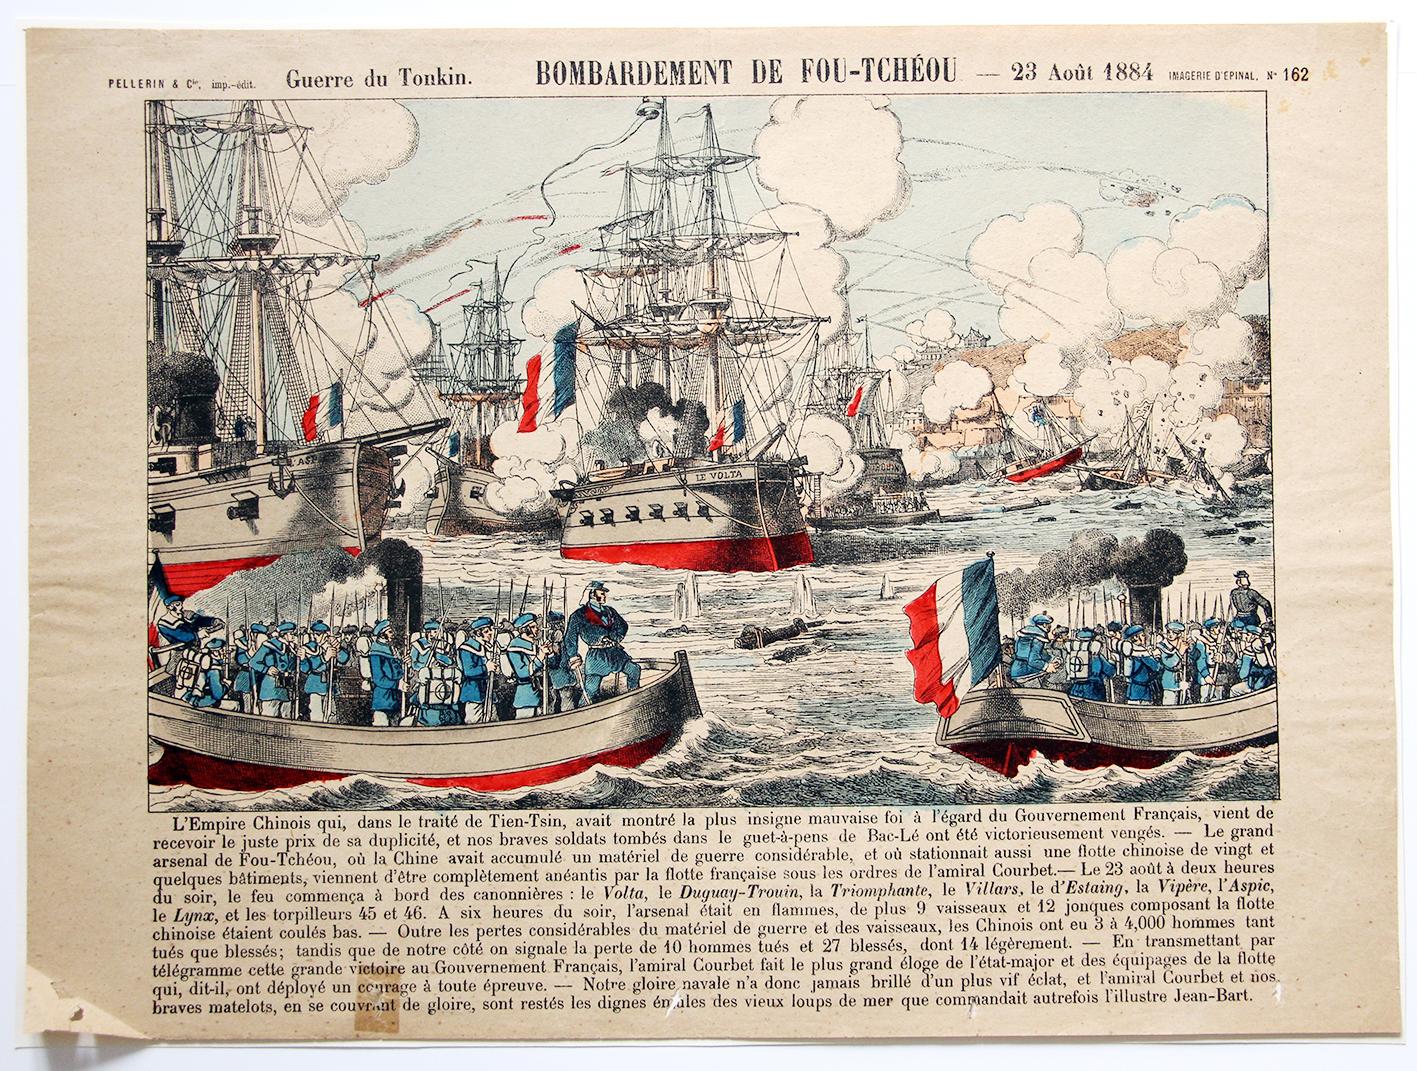 Planche imagerie Epinal - Bombardement de Fou Tcheou - 1884 - Imagerie Populaire - Guerre du Tonkin - Planche N°162